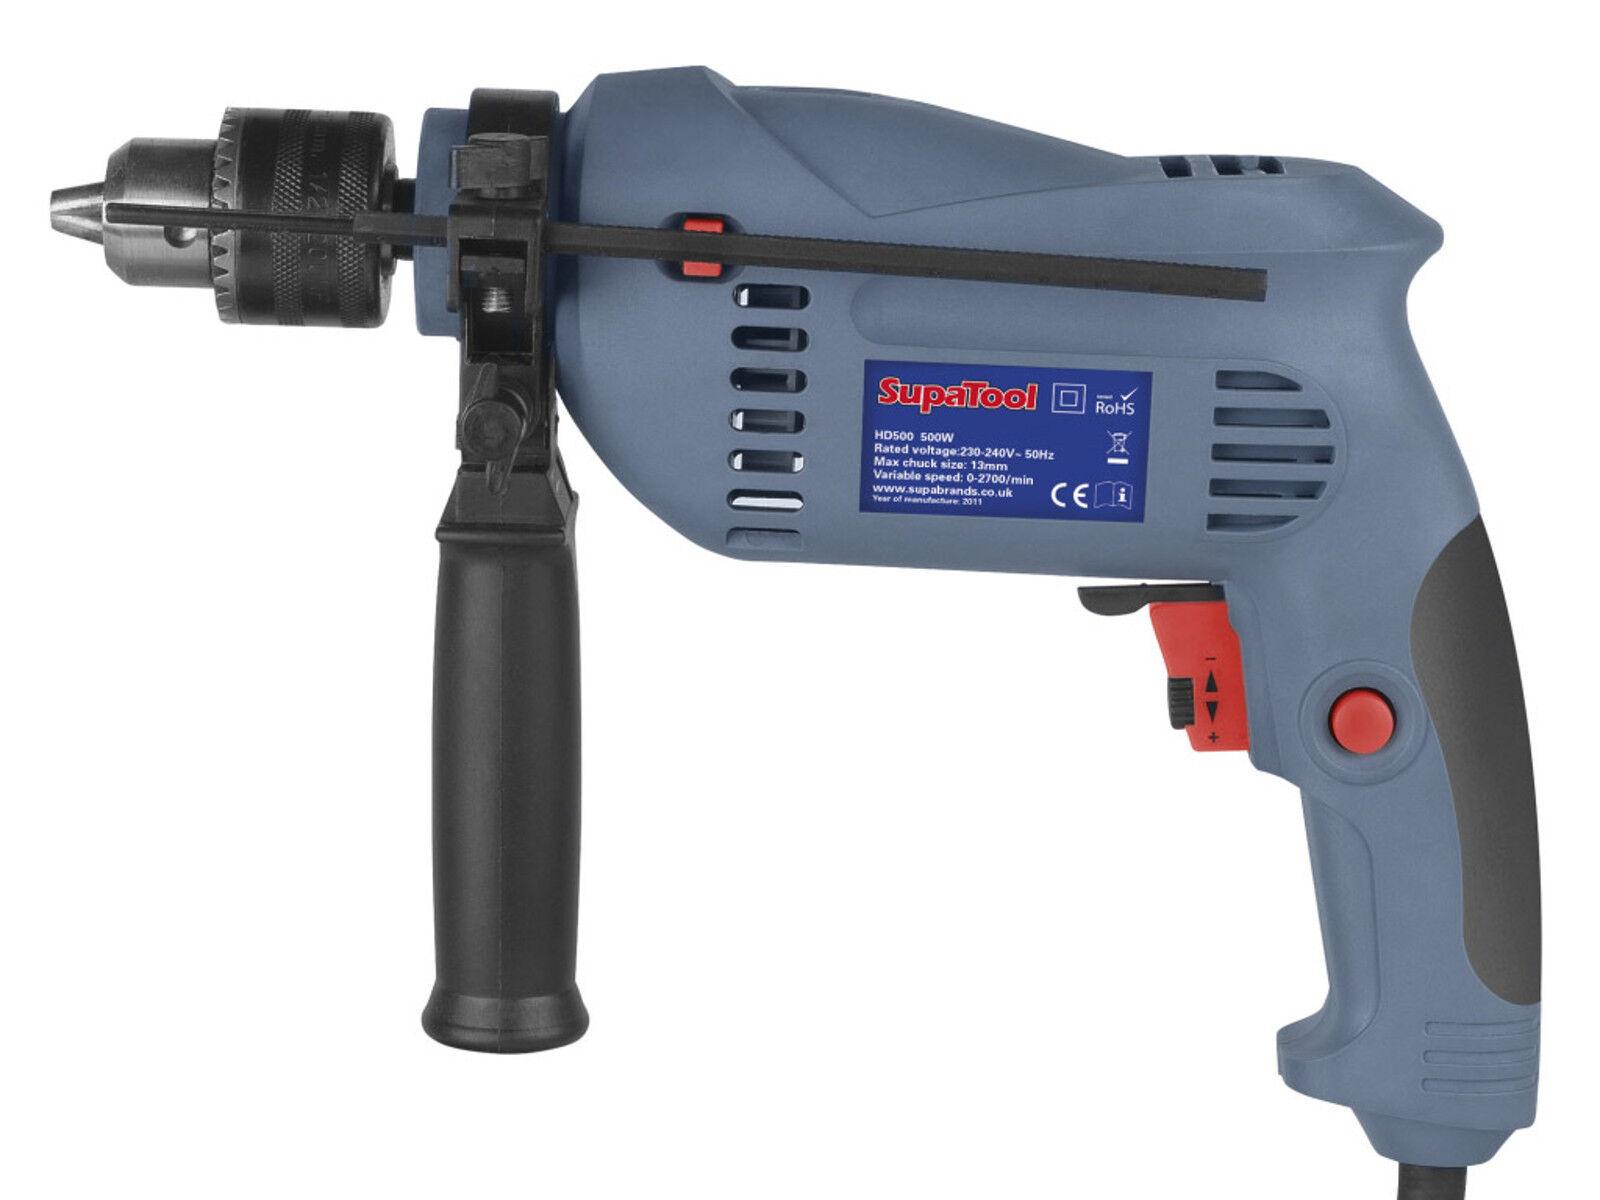 500 W Elektrische Schlagbohrer - variable Geschwindigkeit - EINSTELLBAR